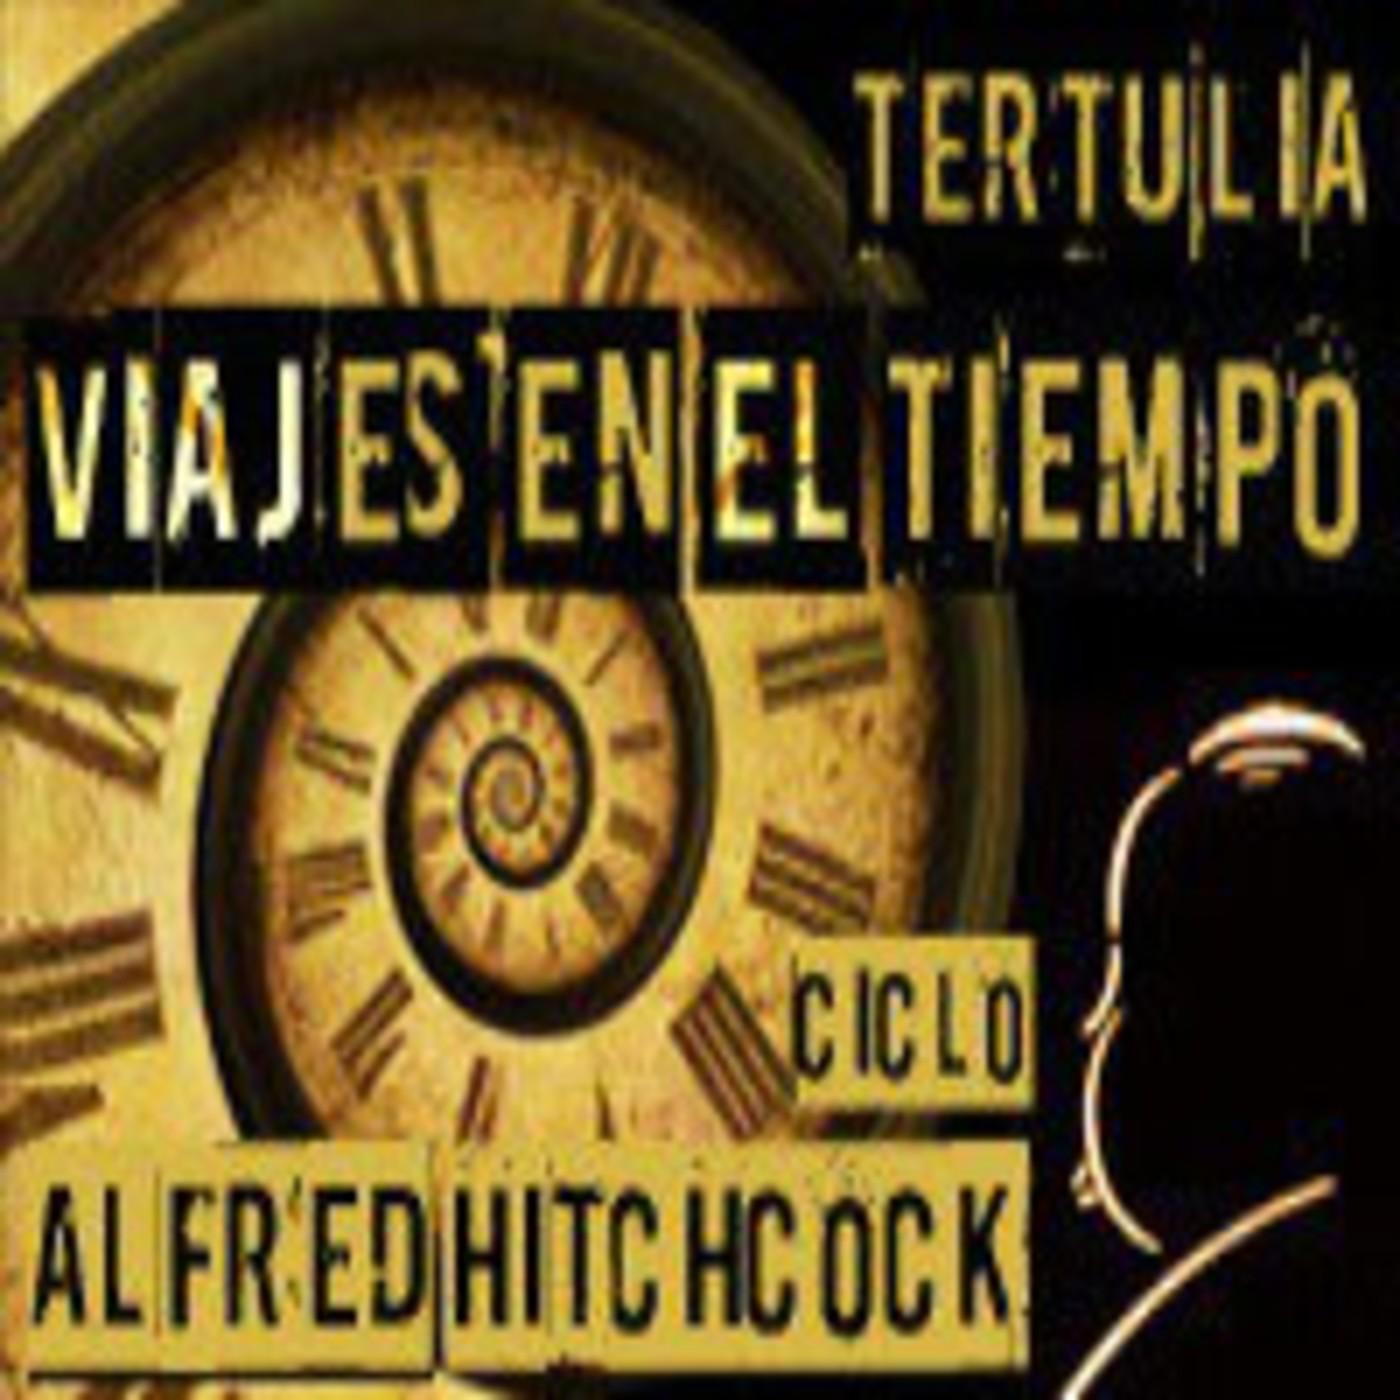 LODE 3x18 Tertulia VIAJES EN EL TIEMPO, ciclo ALFRED HITCHCOCK 3ªparte